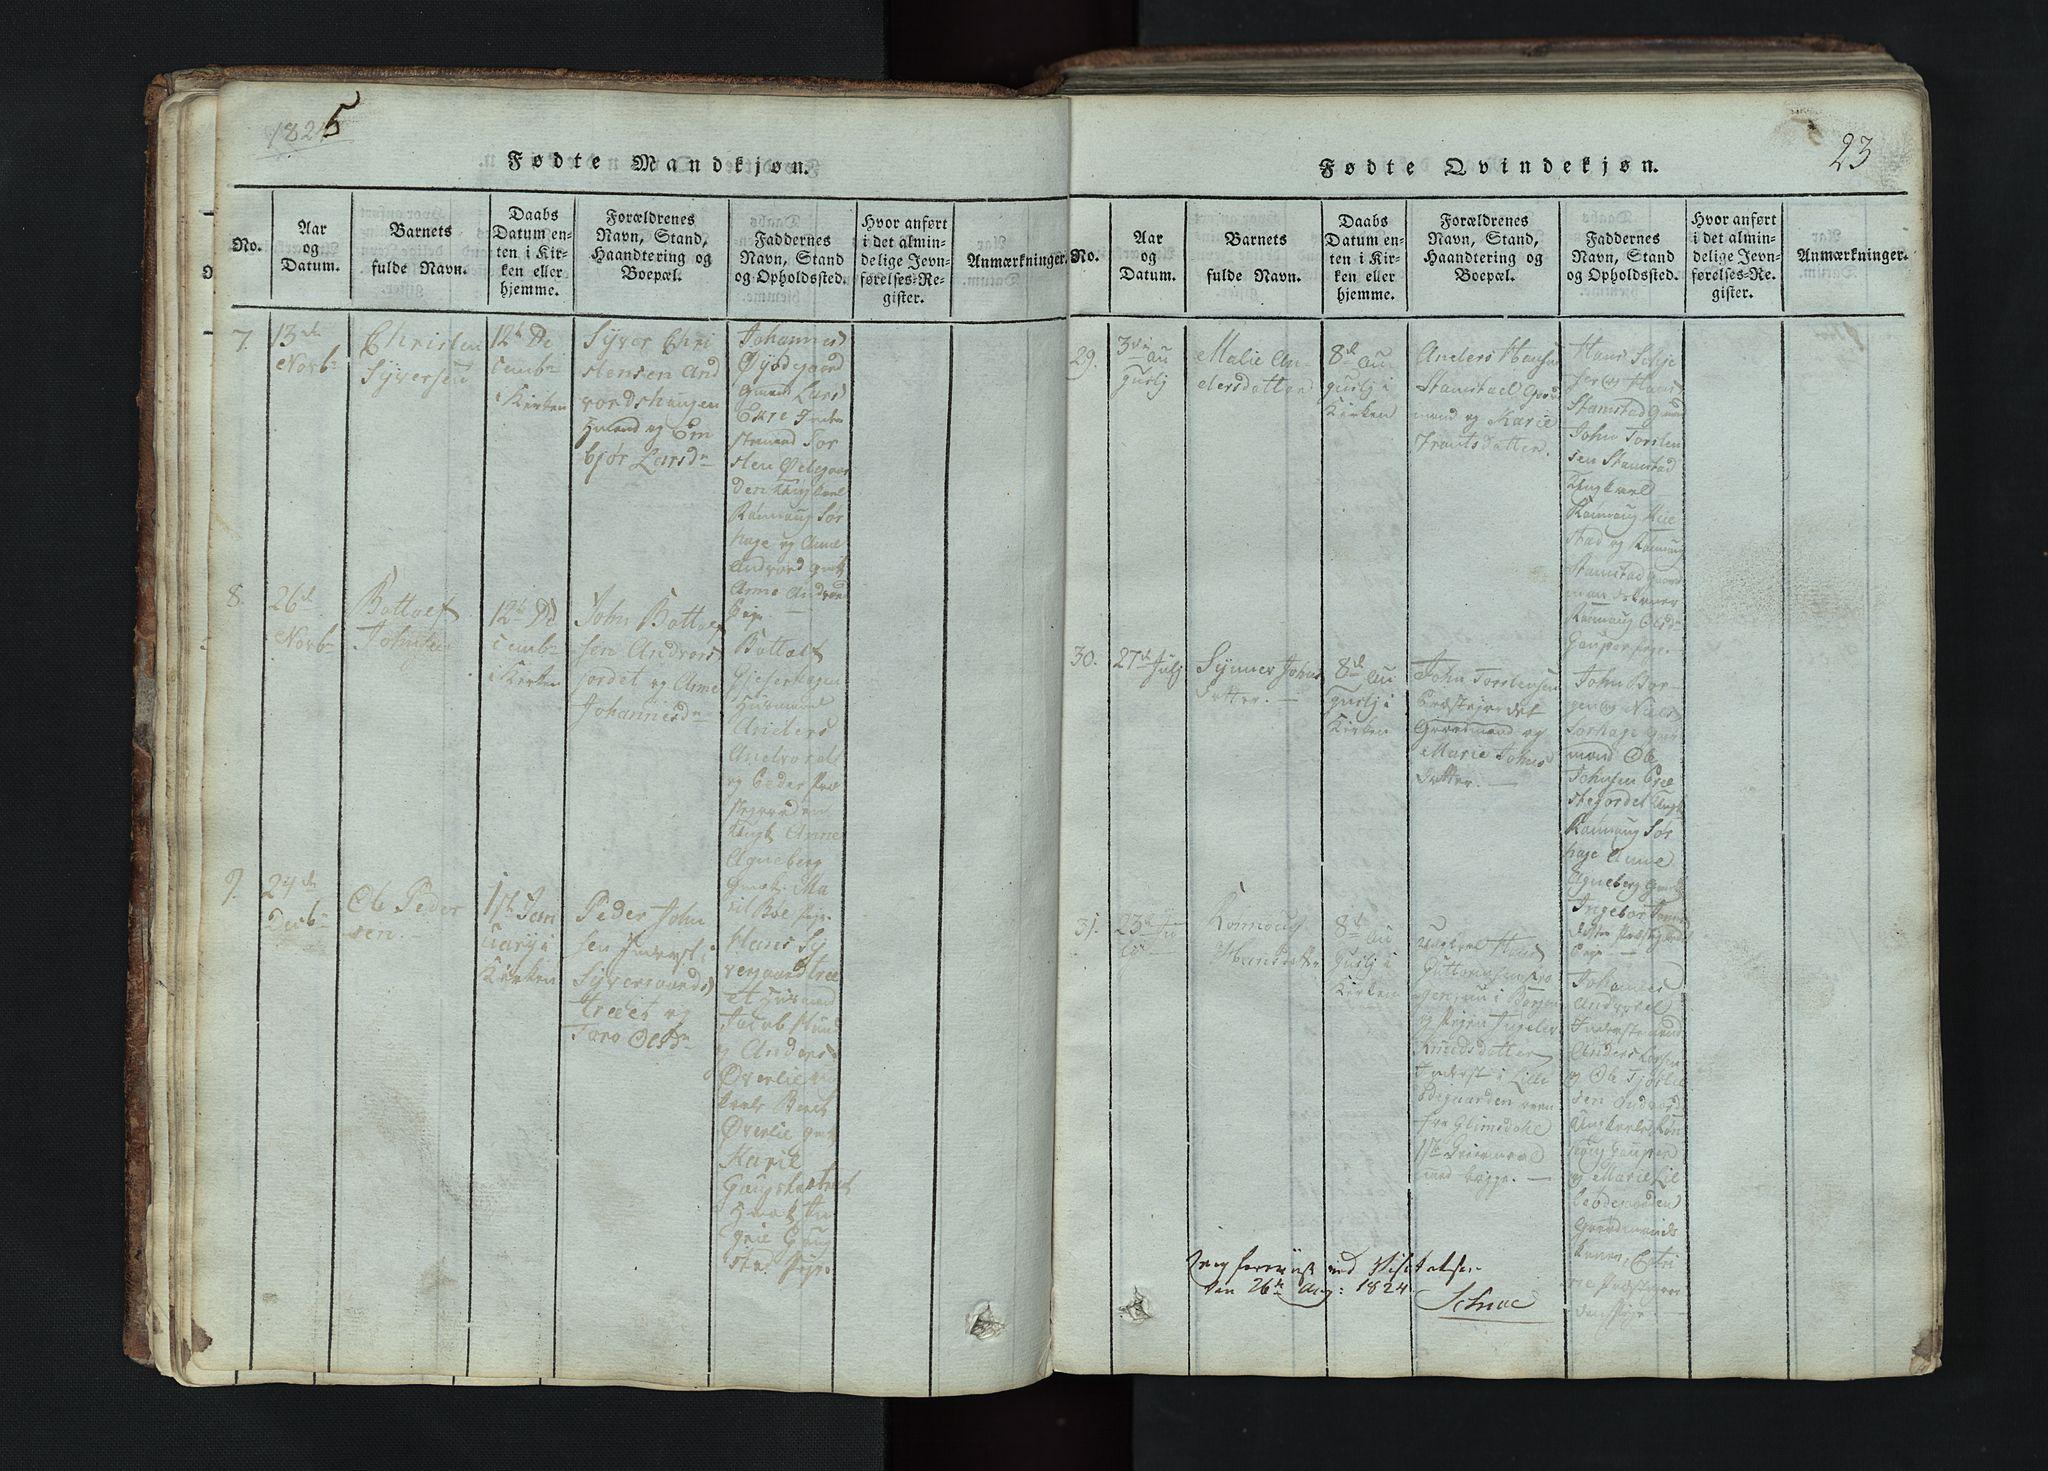 SAH, Lom prestekontor, L/L0002: Klokkerbok nr. 2, 1815-1844, s. 23